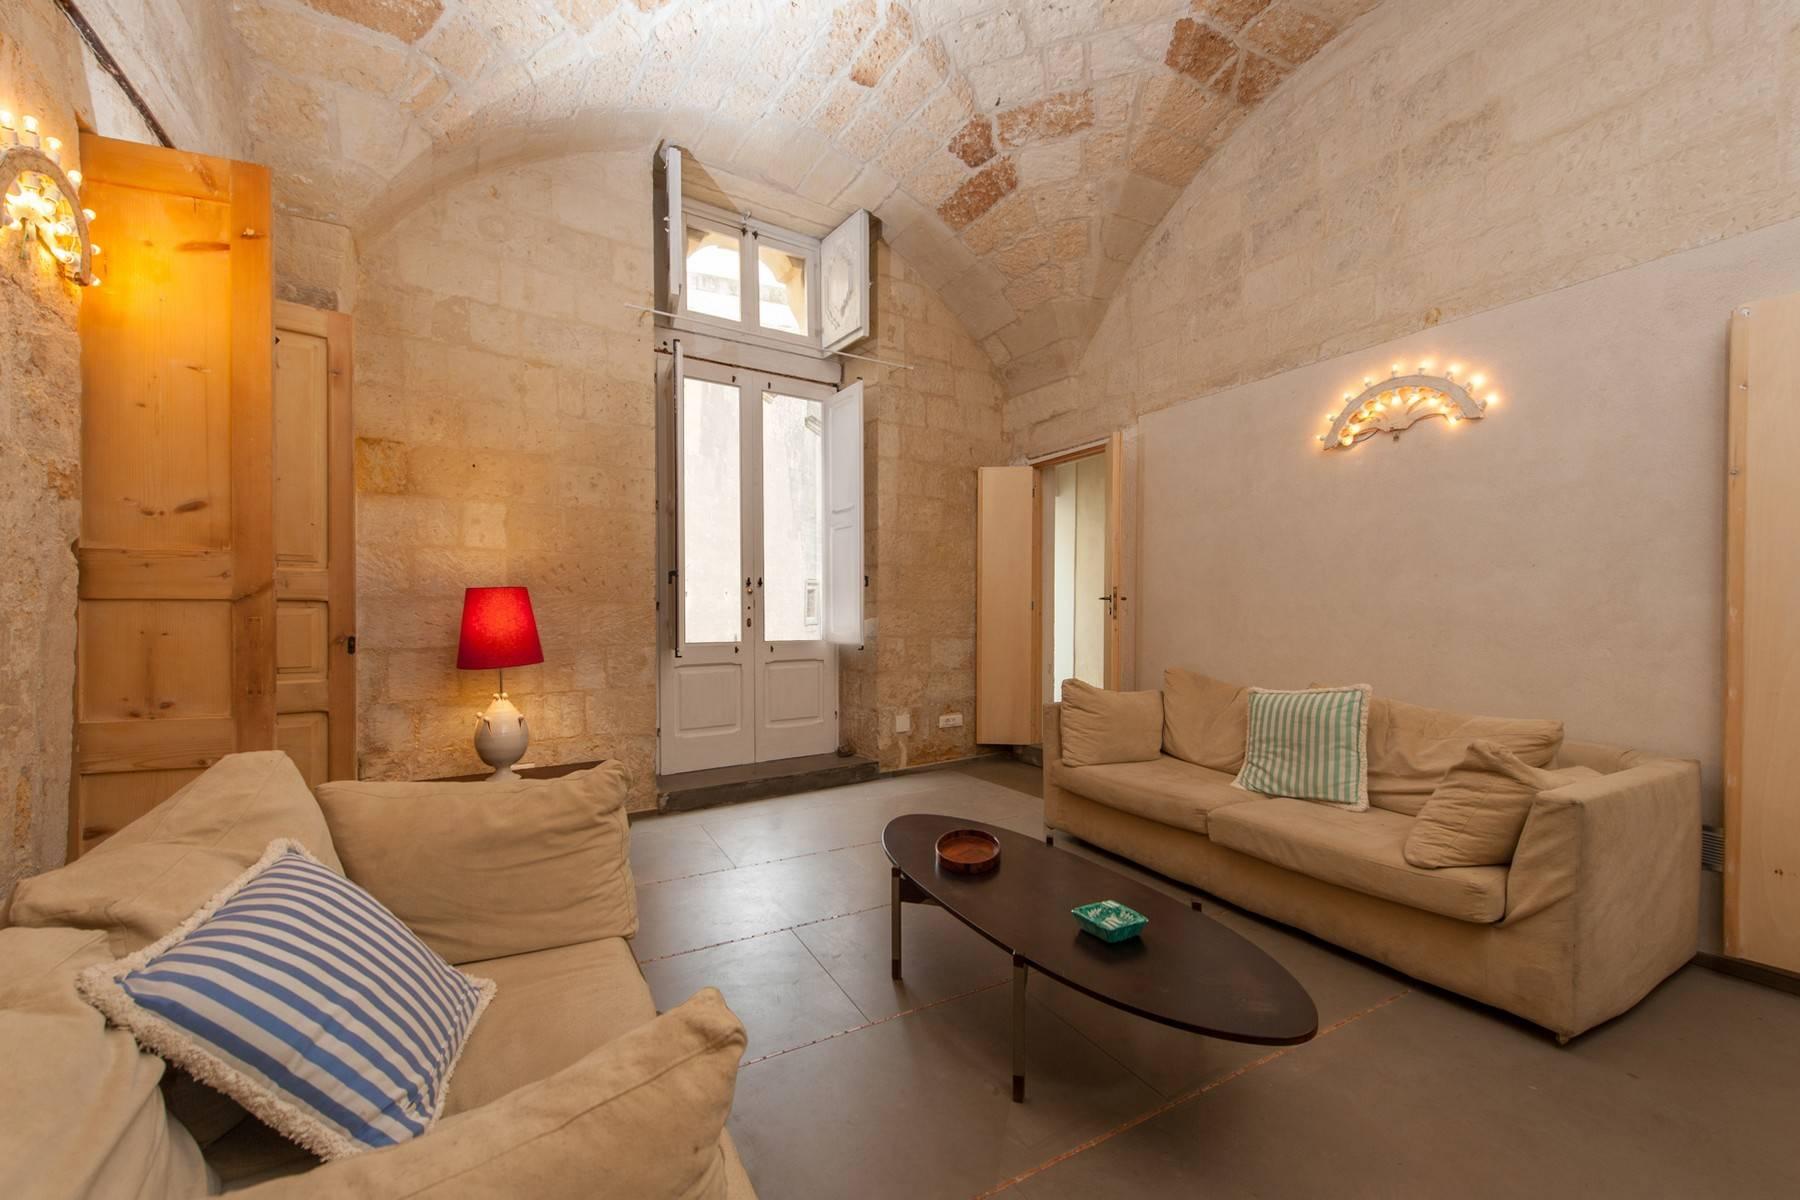 Casa indipendente in Vendita a Lecce: 5 locali, 180 mq - Foto 3